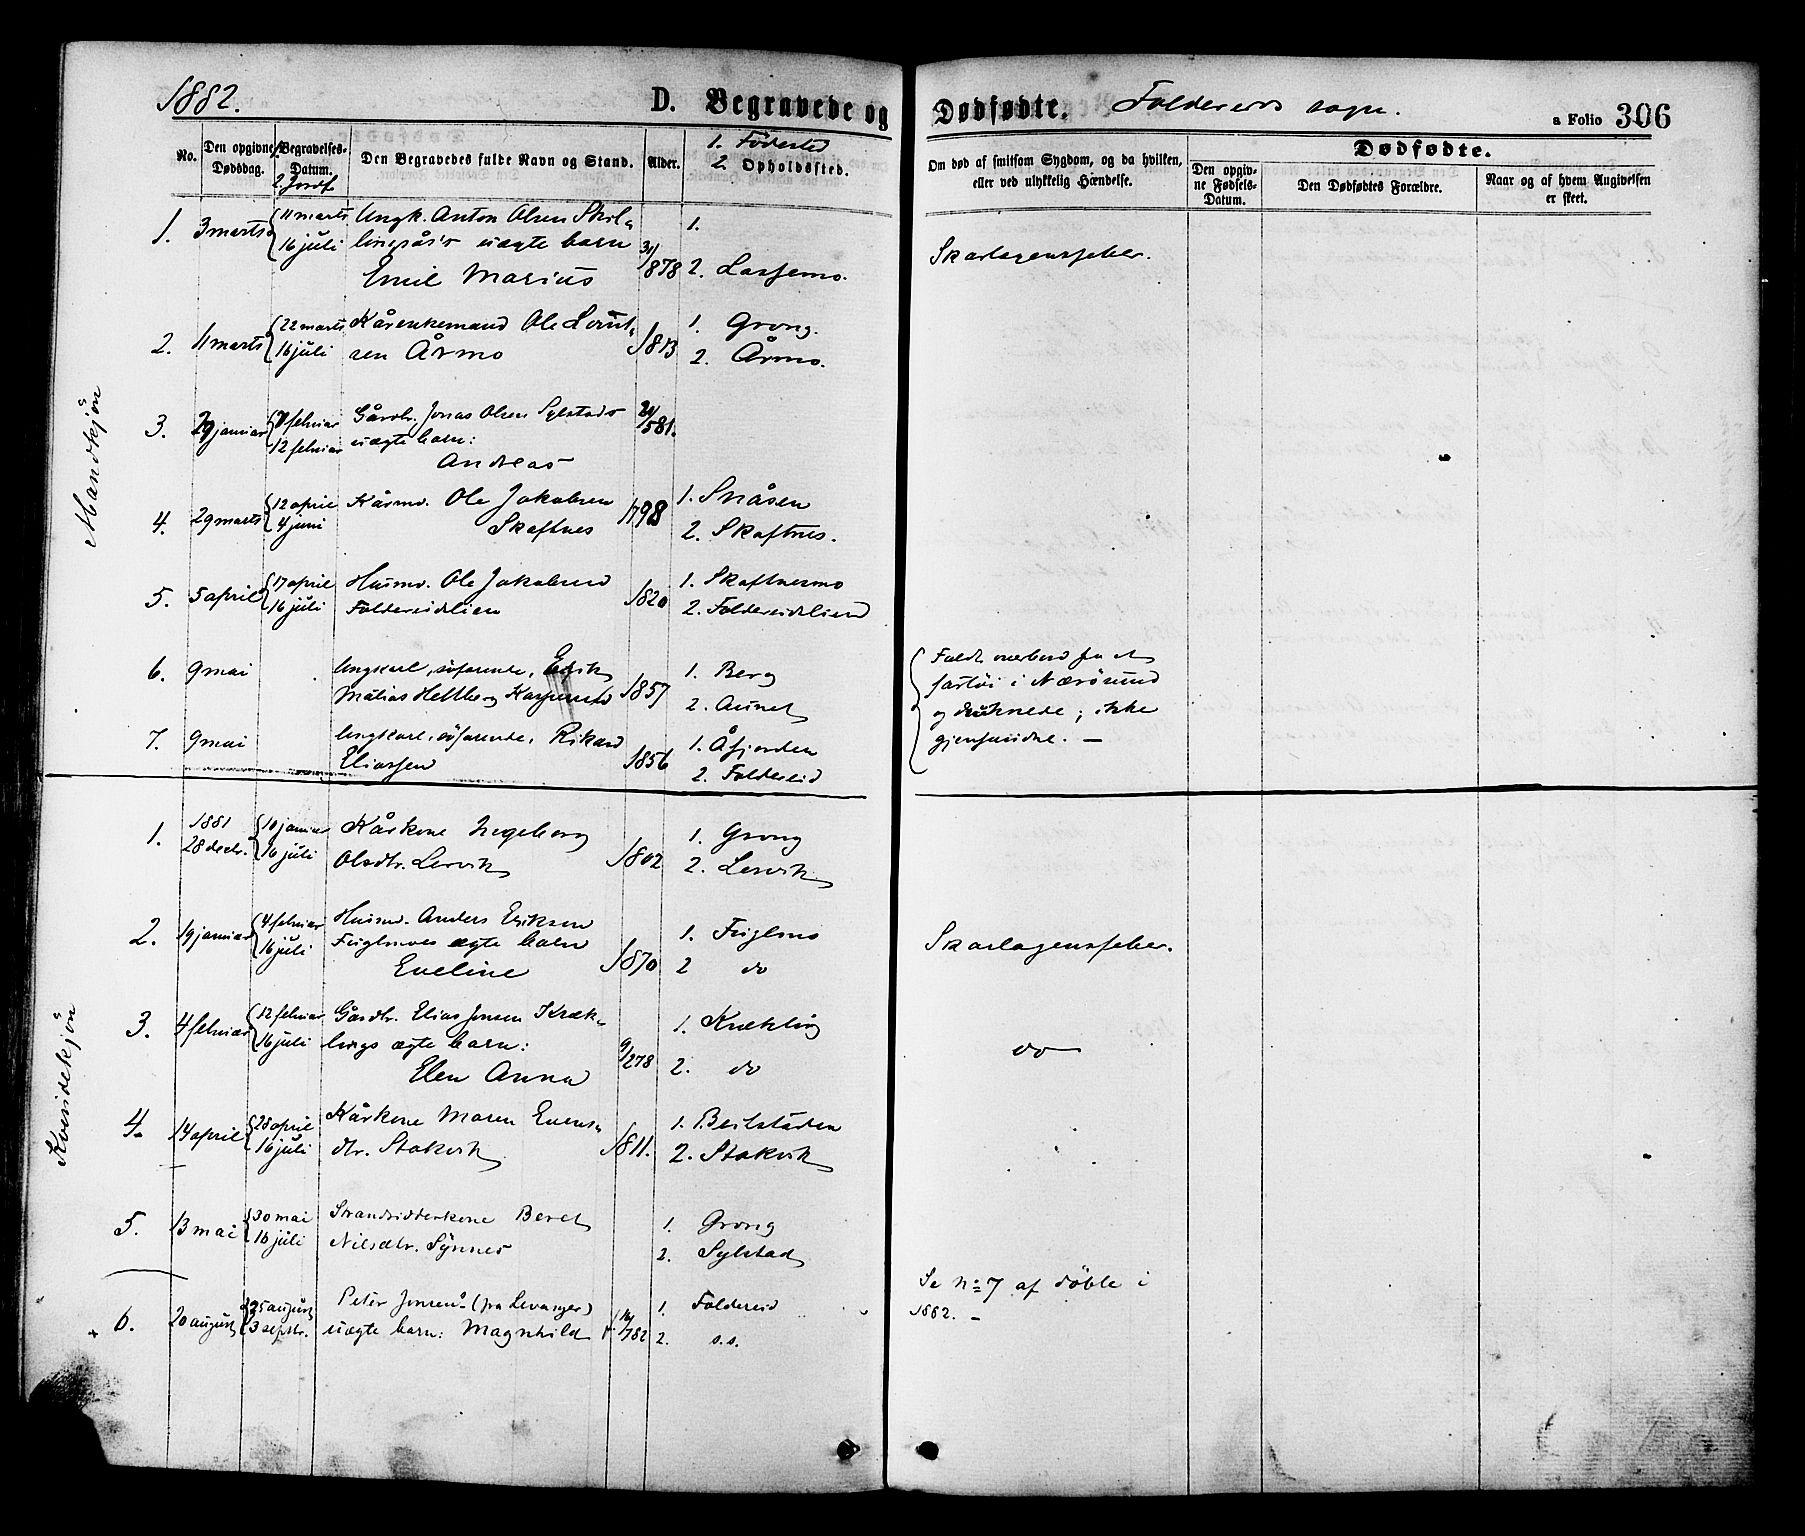 SAT, Ministerialprotokoller, klokkerbøker og fødselsregistre - Nord-Trøndelag, 780/L0642: Ministerialbok nr. 780A07 /2, 1878-1885, s. 306